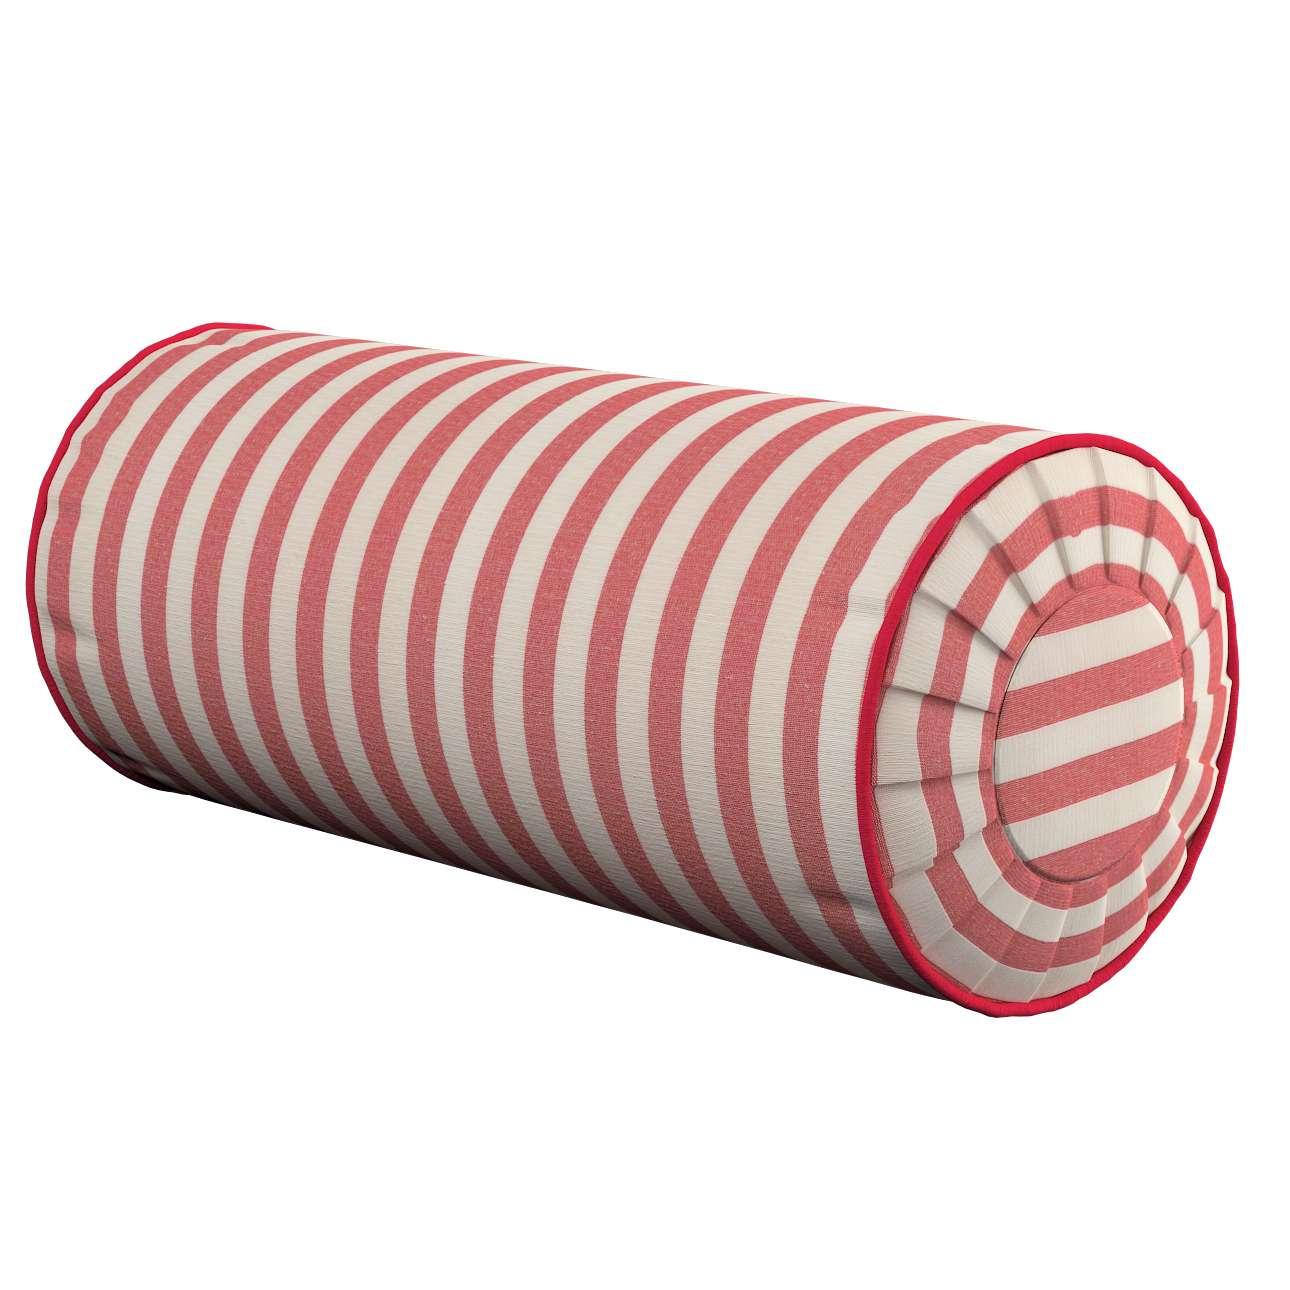 Poduszka wałek z zakładkami Ø 20 x 50 cm w kolekcji Quadro, tkanina: 136-17